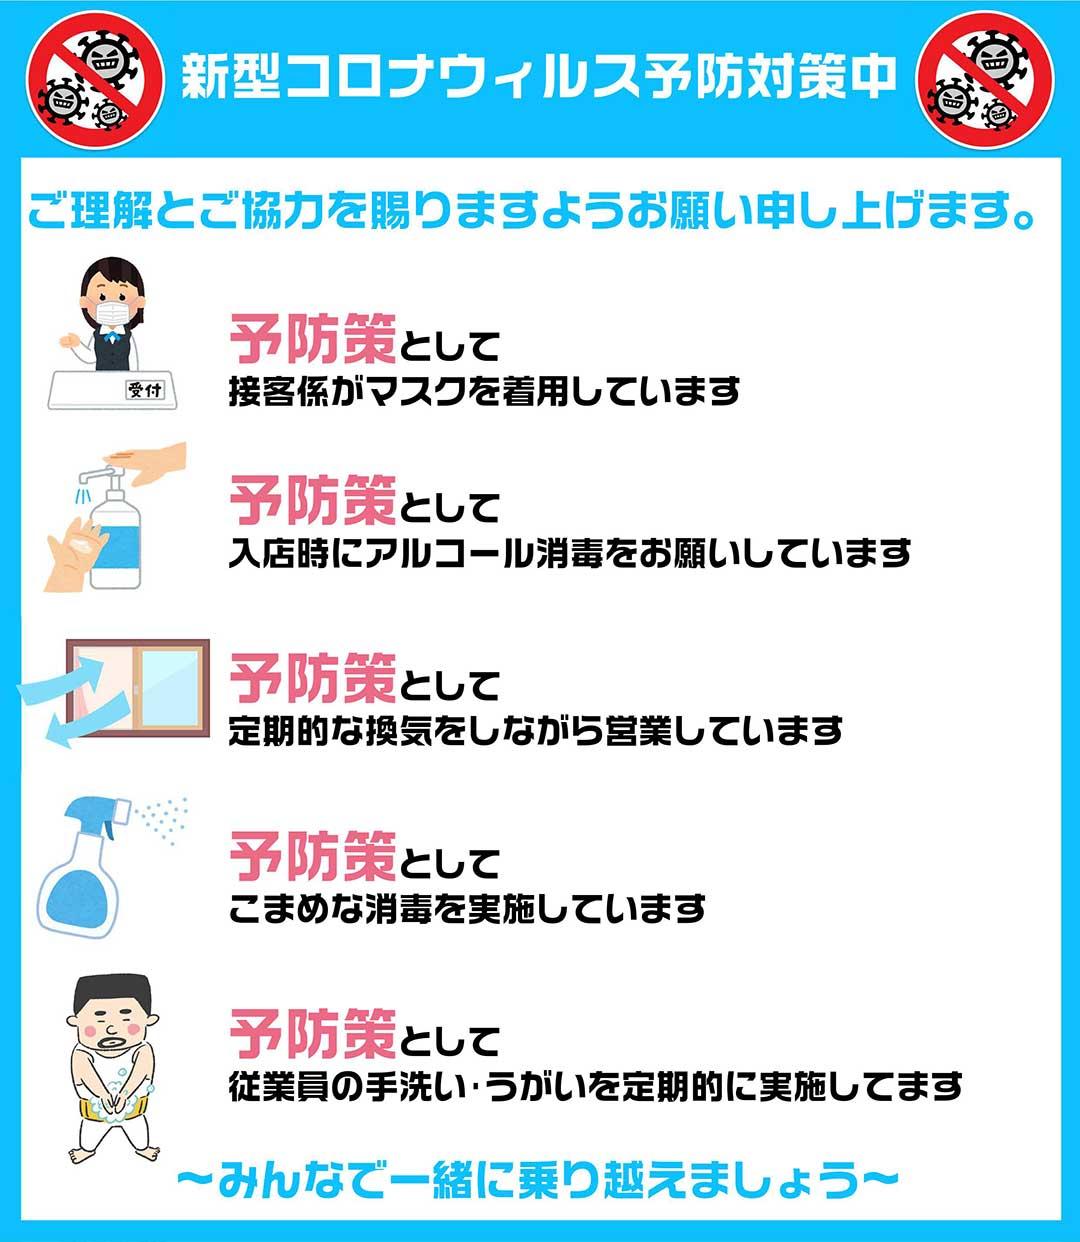 岡山車検の専門店 新型コロナウイルス感染症拡大防止対策